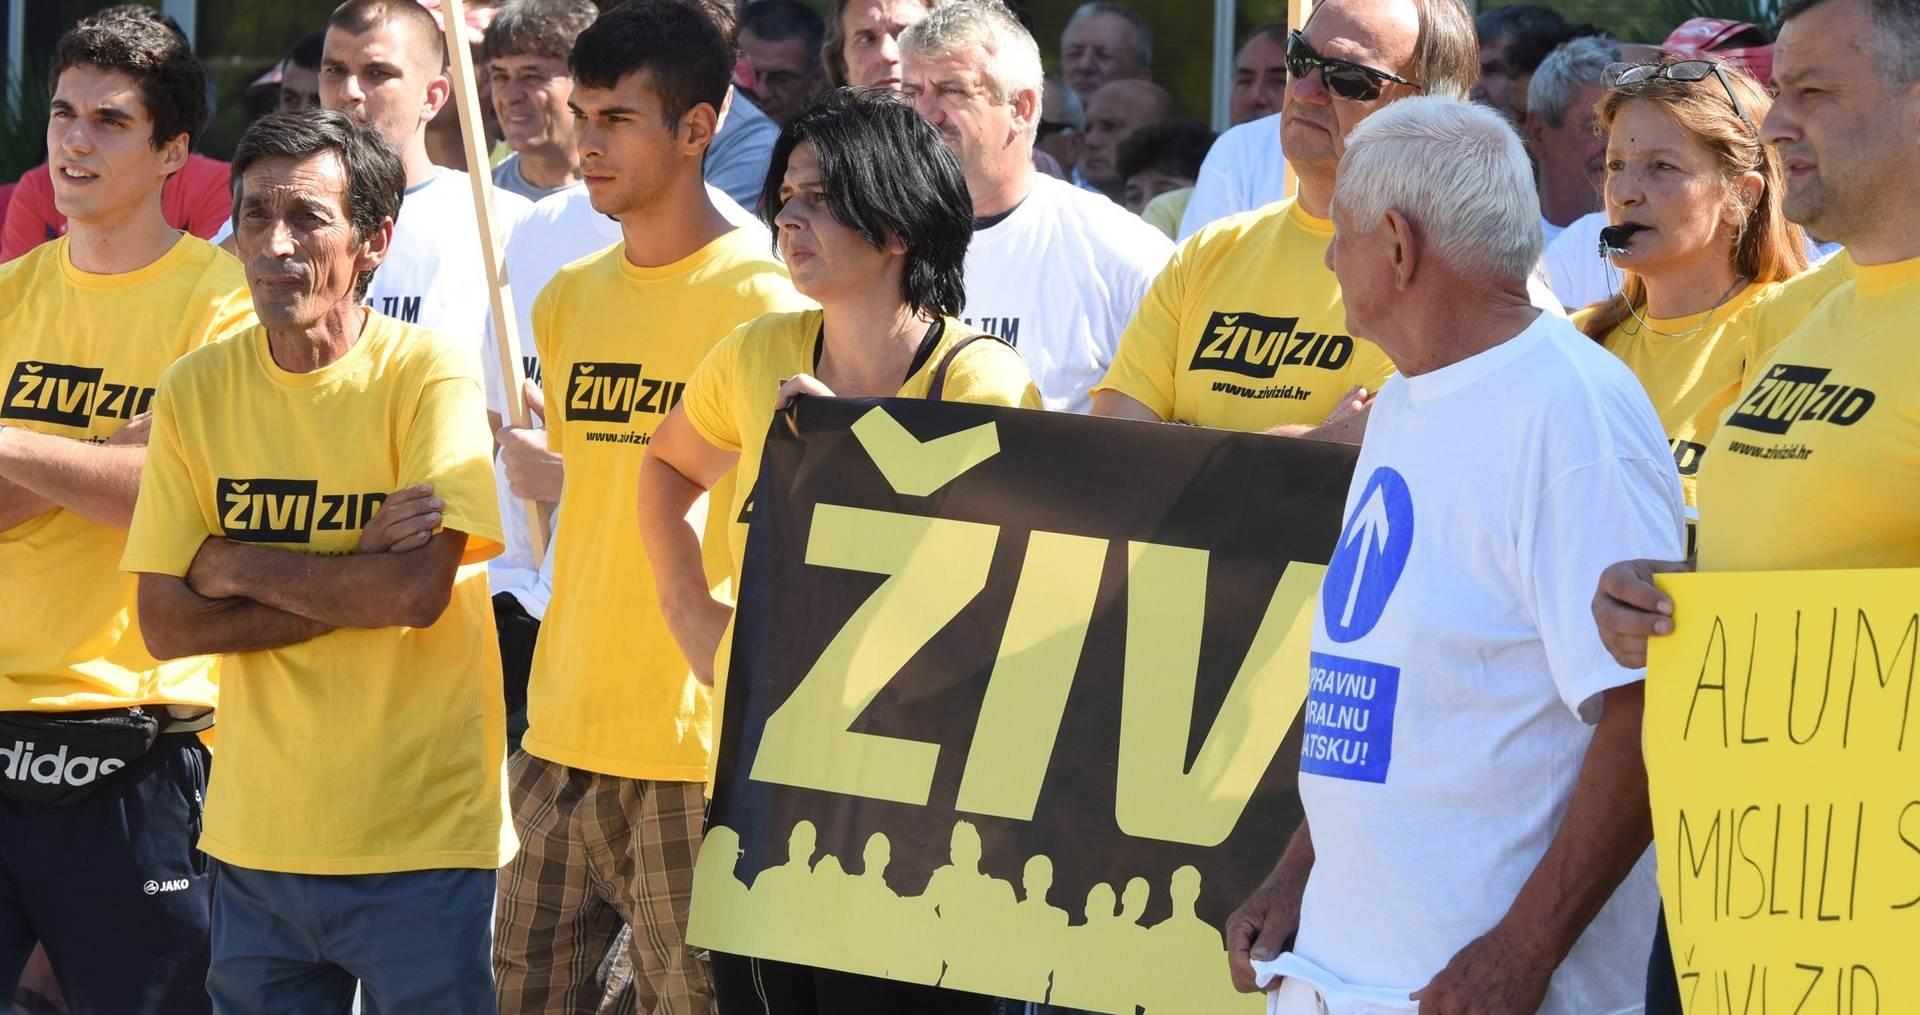 AKCIJA U OSIJEKU: Živi zid spriječio deložaciju osječanke Nade Pavlović